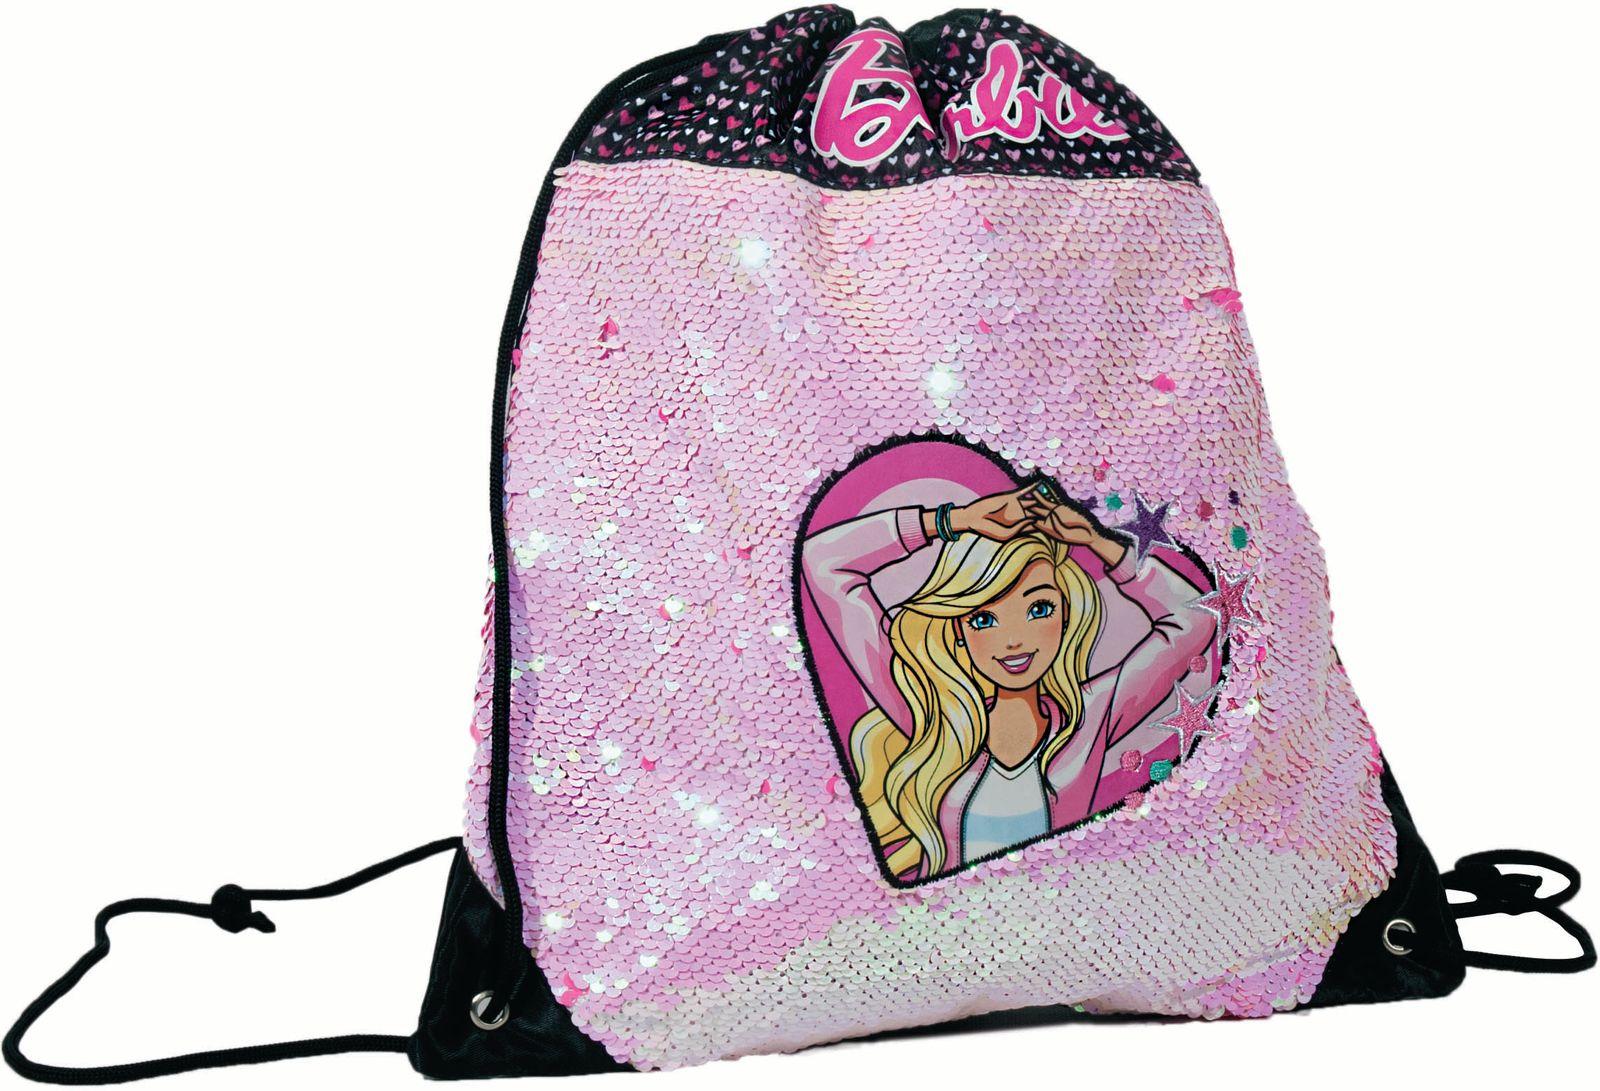 Τσάντα Πουγκί Πλάτης Barbie Sparkle GIM 349-64261